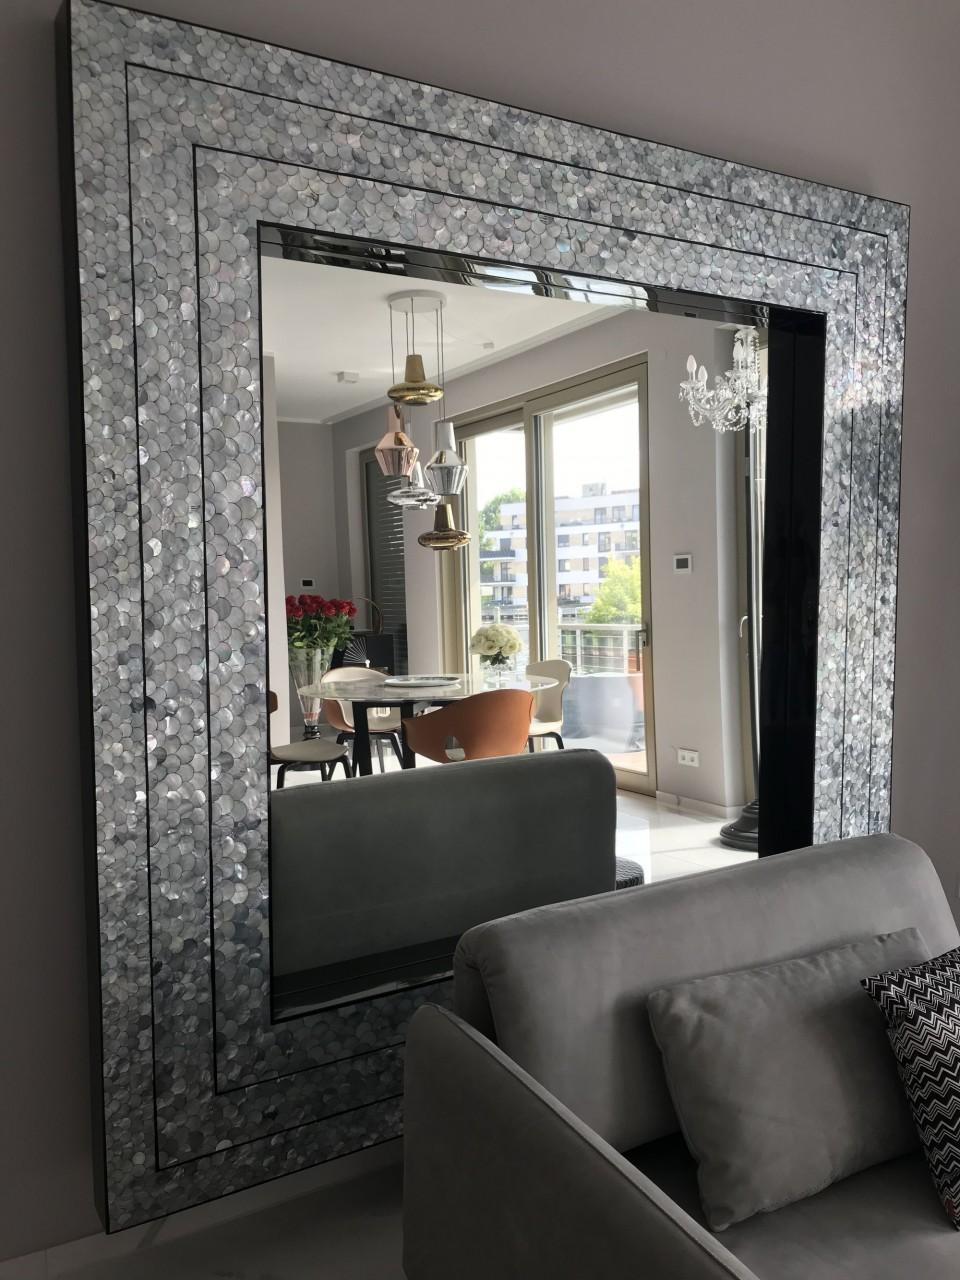 xxl standspiegel 200 cm x 200 cm mit handgearbeiteten breiten perlmutt rahmen designer. Black Bedroom Furniture Sets. Home Design Ideas